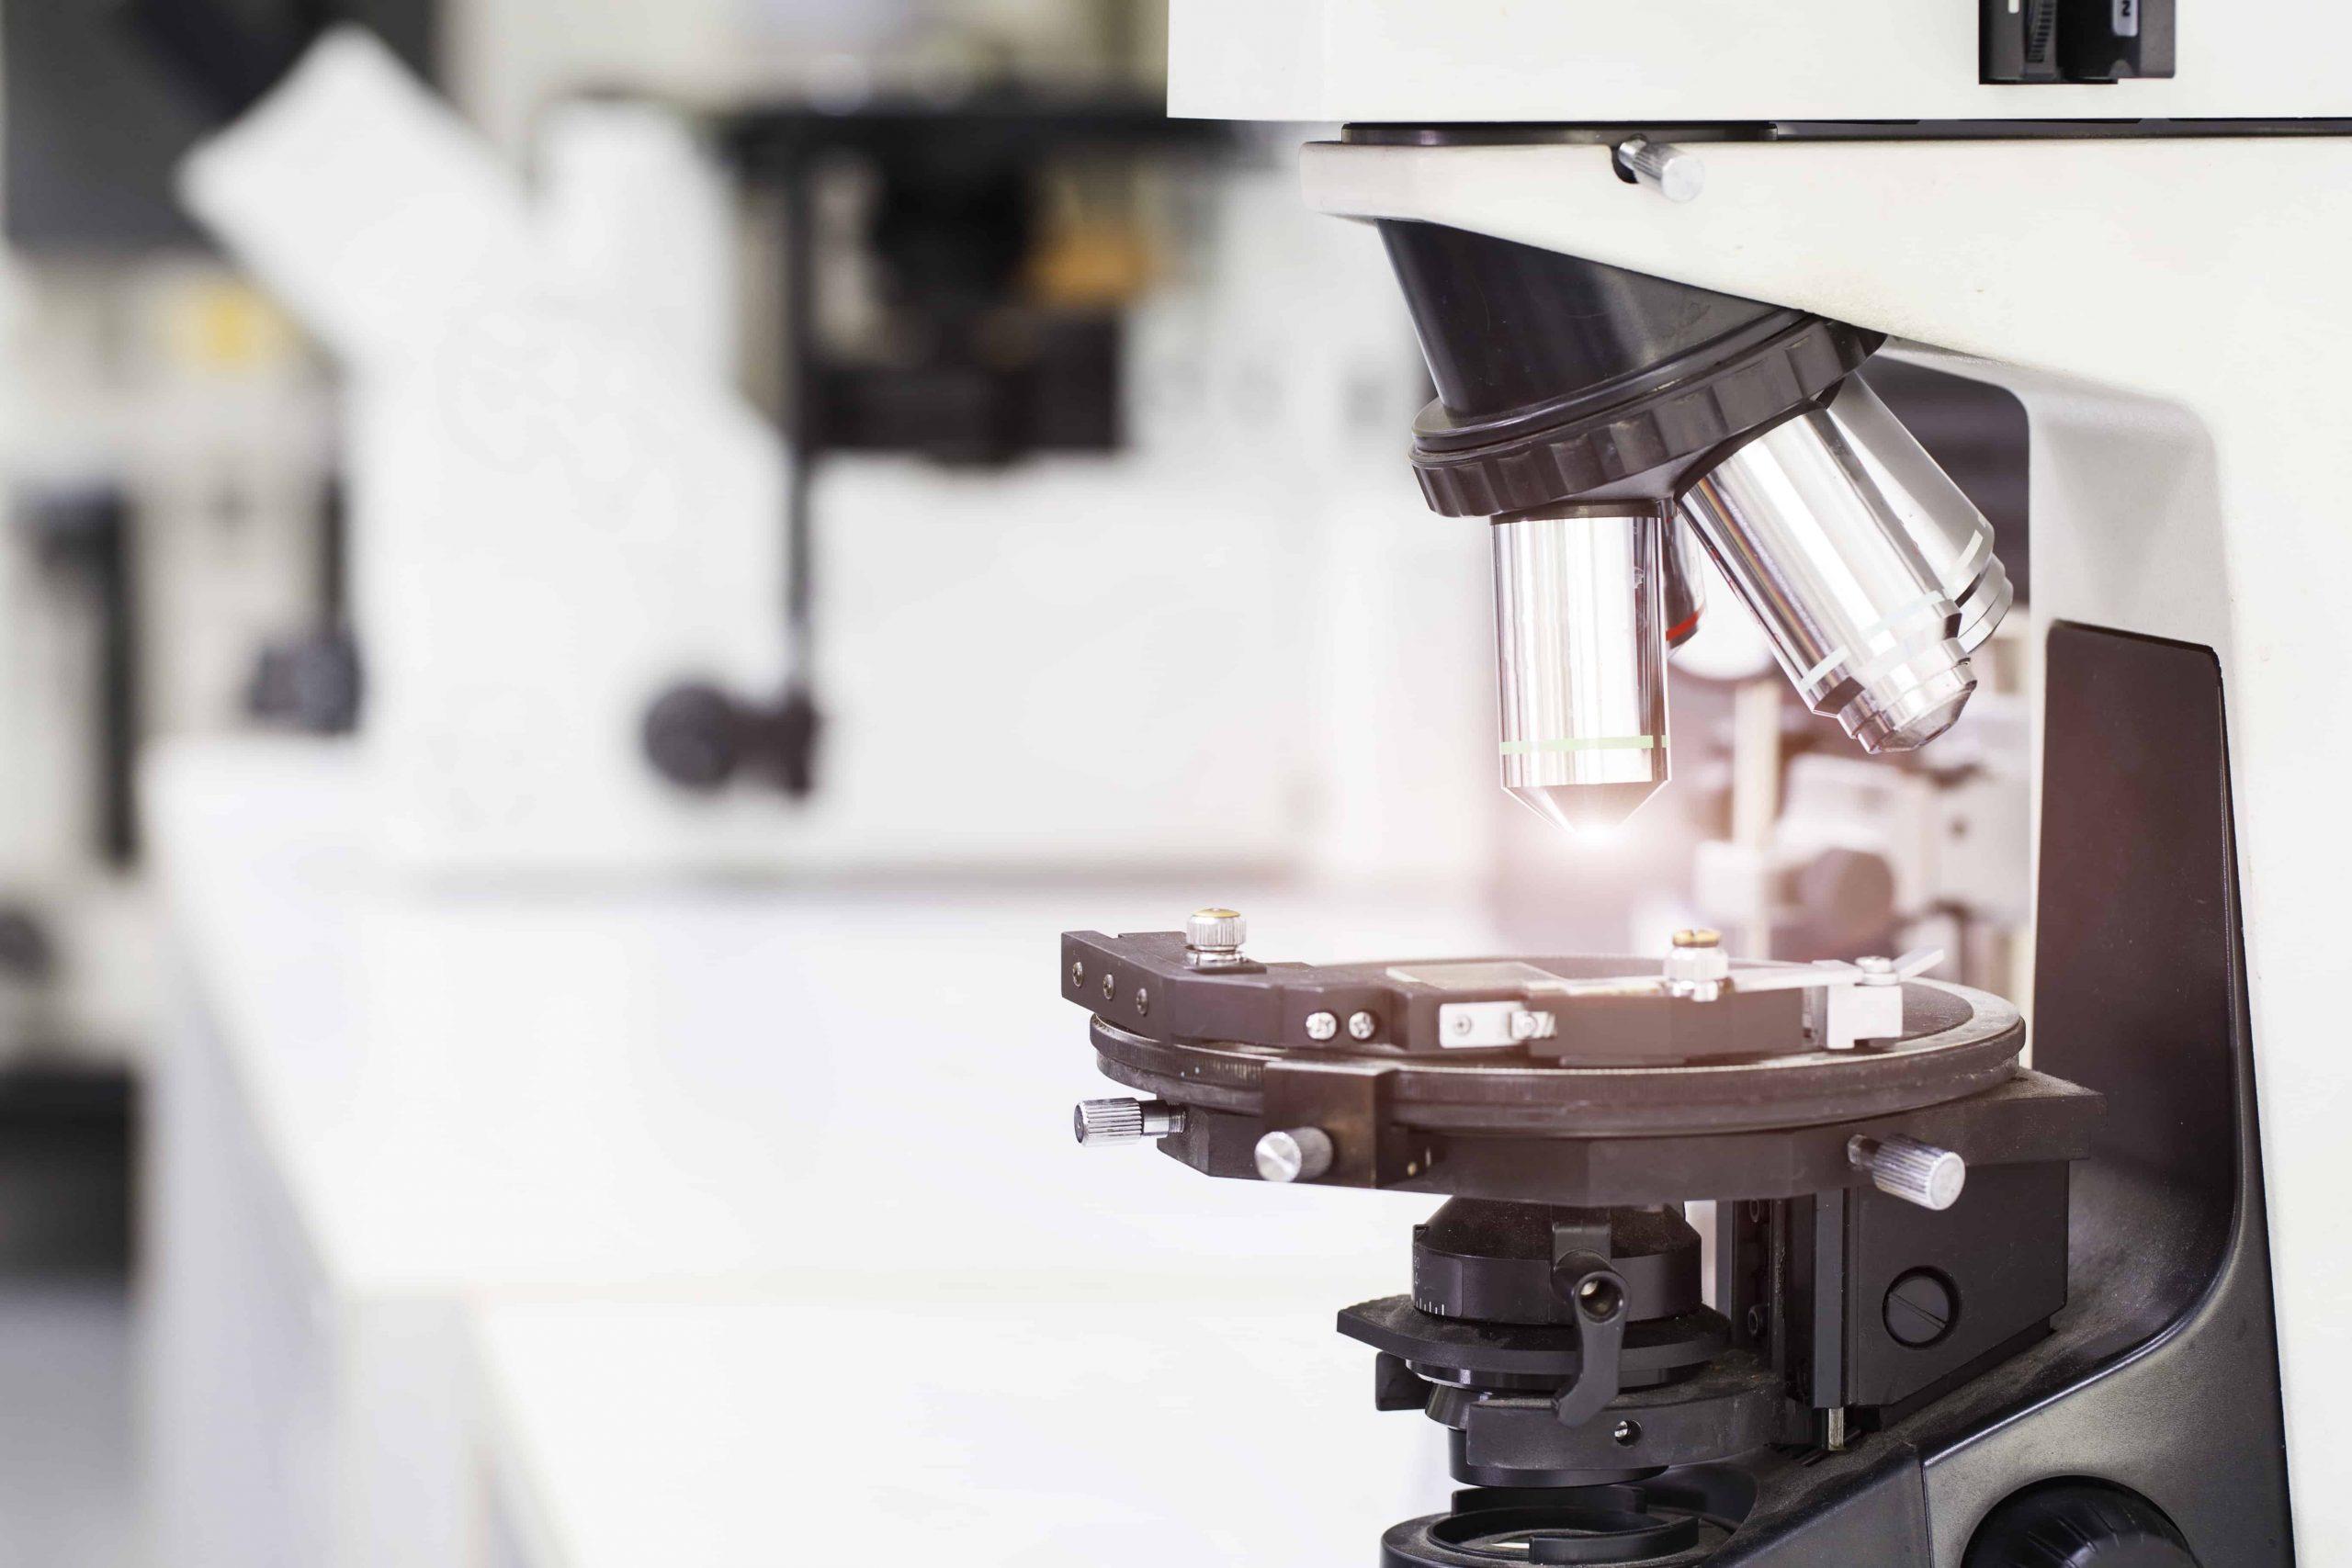 Mikroskop: Test & Empfehlungen (04/20)